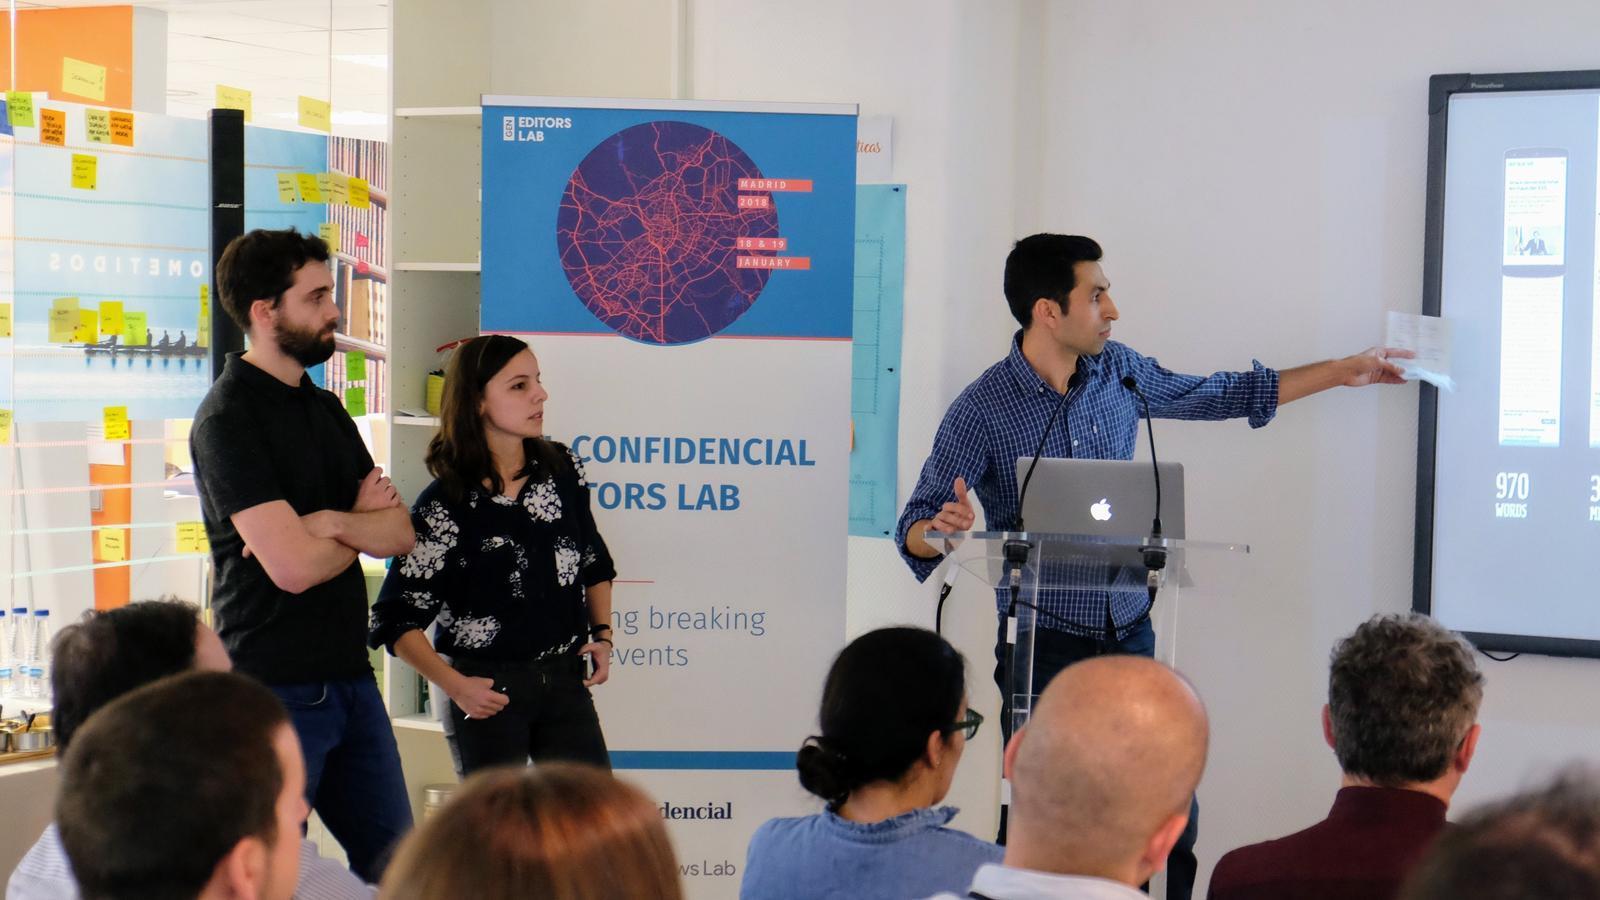 L'equip de l'Ara.cat, format per un dissenyador, una programadora i un periodista (Ricard Marfà, Idoia Longan i Auri Garcia). / GLOBAL EDITORS NETWORK